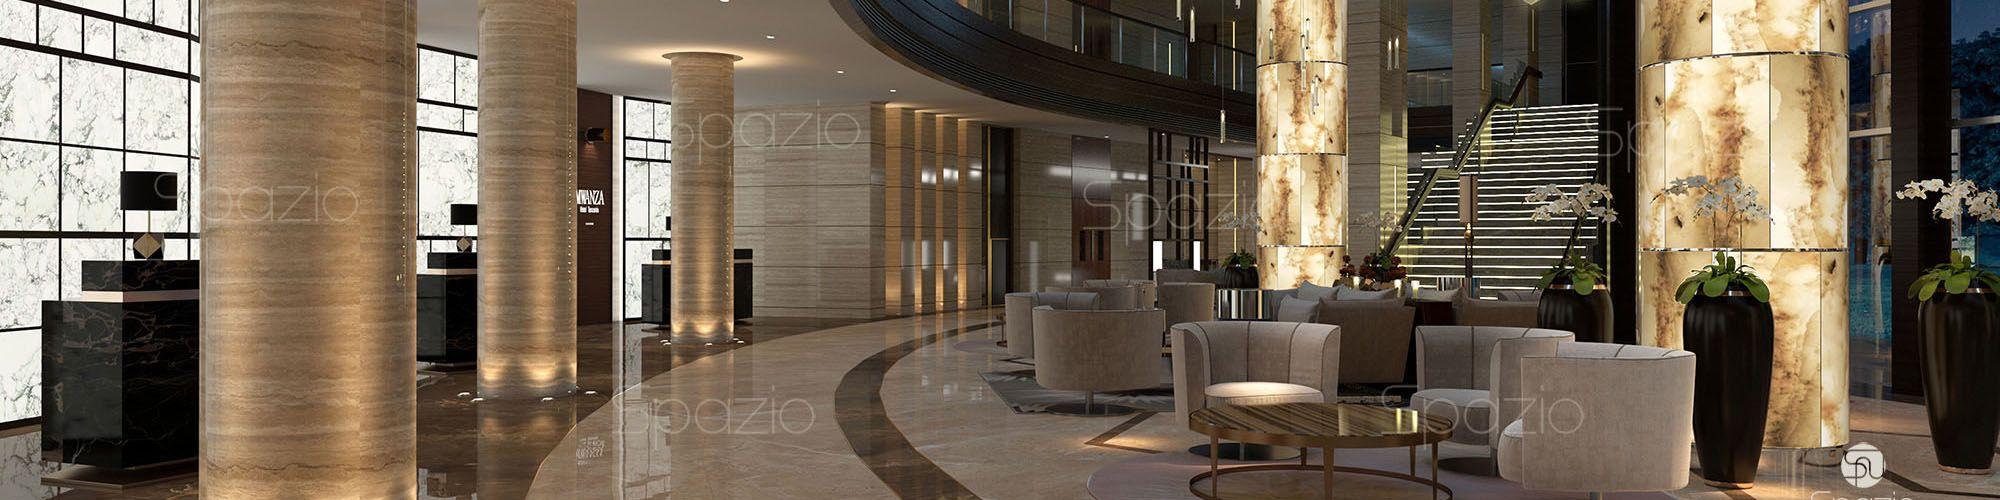 5 star hotel lobby design spazio for Design hotel 5